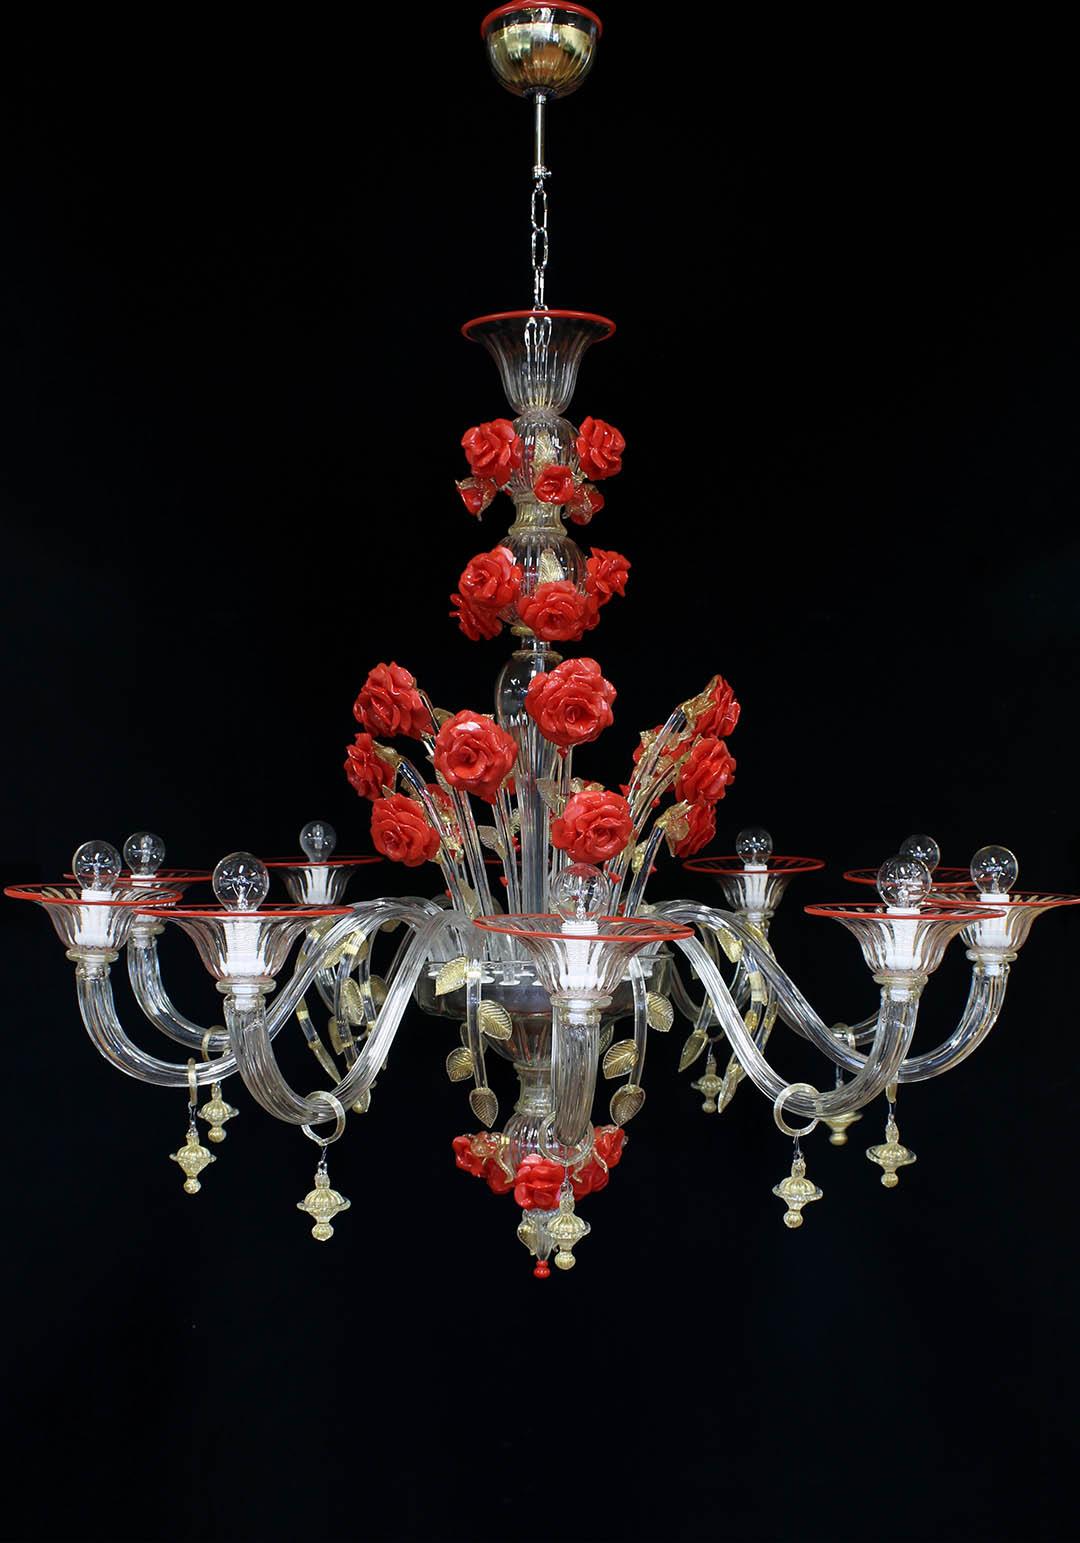 Trova una vasta selezione di lampadari murano a prezzi vantaggiosi su ebay. Romeo Lampadario Murano Cerchi Un Lampadario Murano